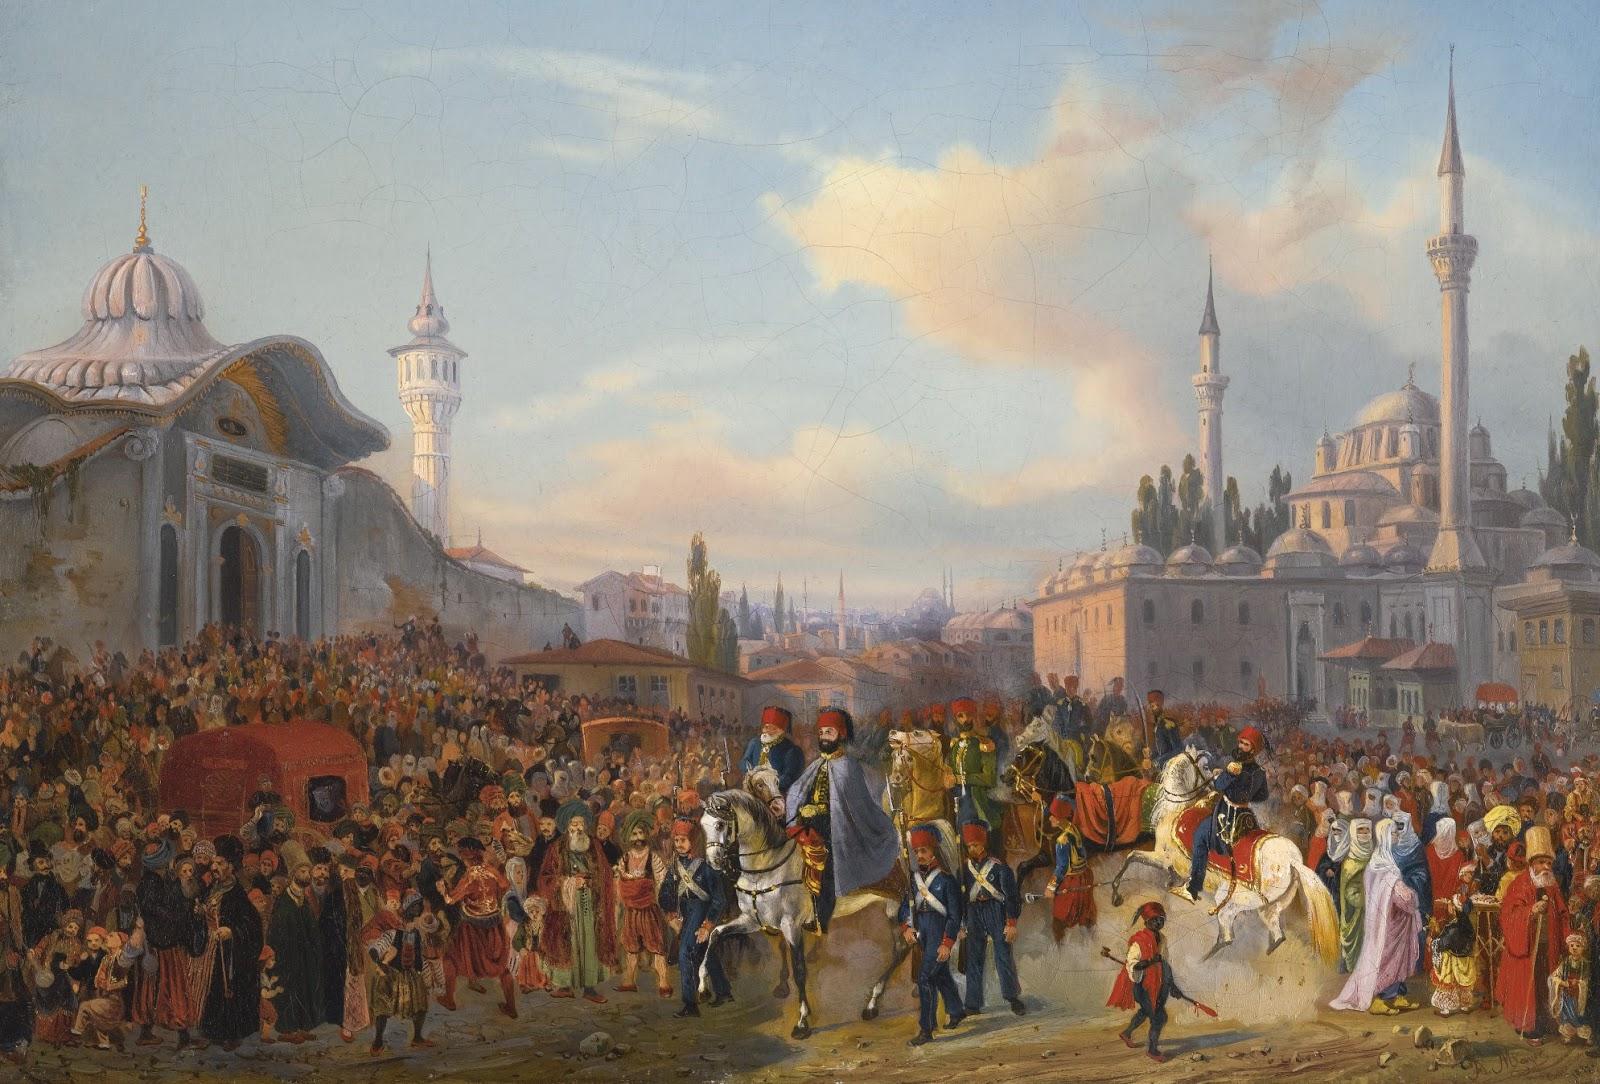 Sultan 2. Mahmud Hân Bayezid Câmi I Şerîfinden çıkarken. Ottomano Empire